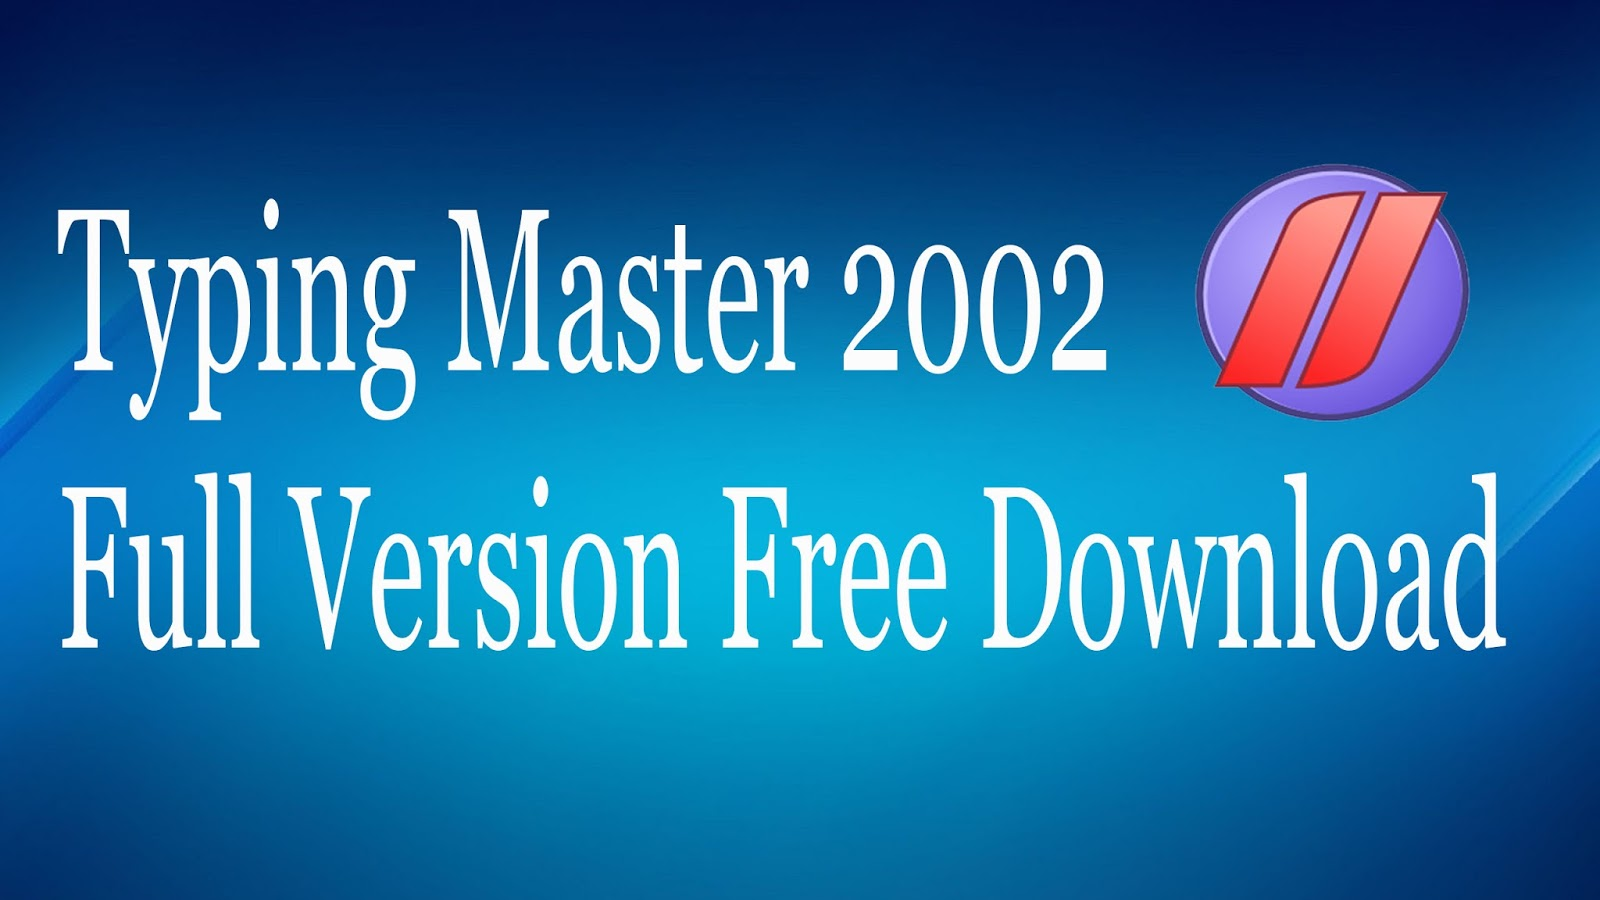 Typing Master 2002 free download